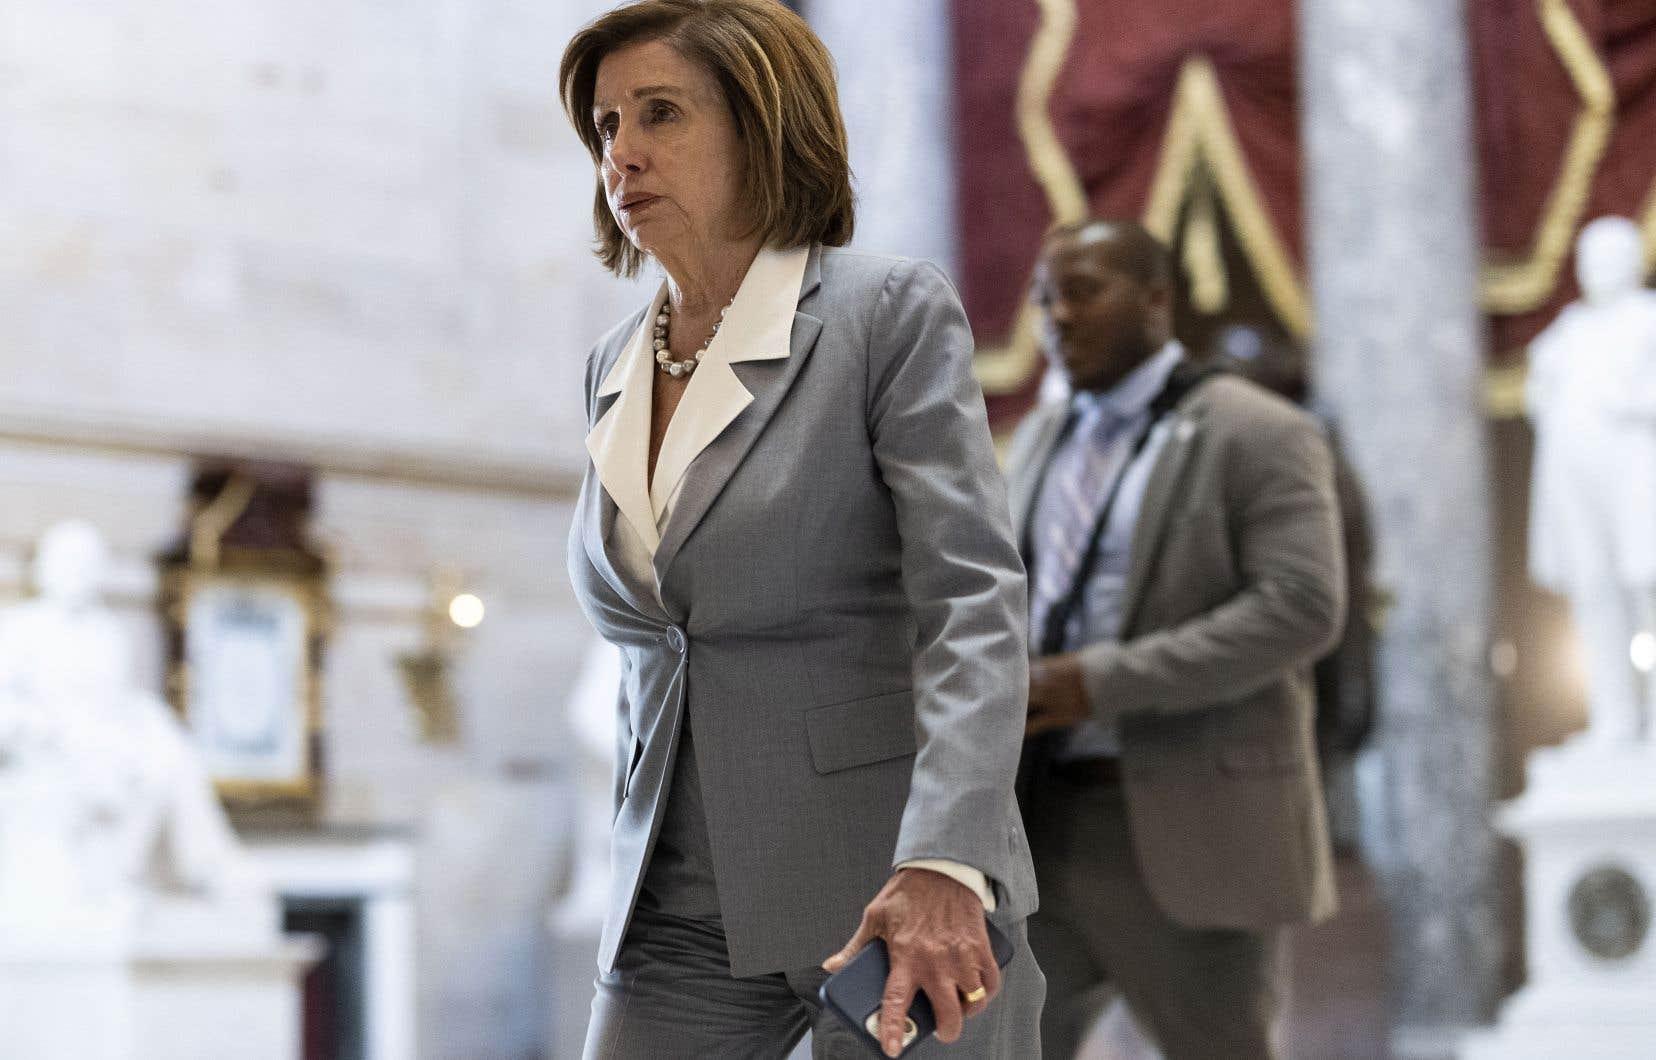 Nancy Pelosi a promis que cette commission «découvrira la vérité» sur l'attaque perpétrée par des manifestants pro-Trump lorsque les parlementaires étaient réunis pour certifier la victoire de Joe Biden lors de la présidentielle de novembre 2020.